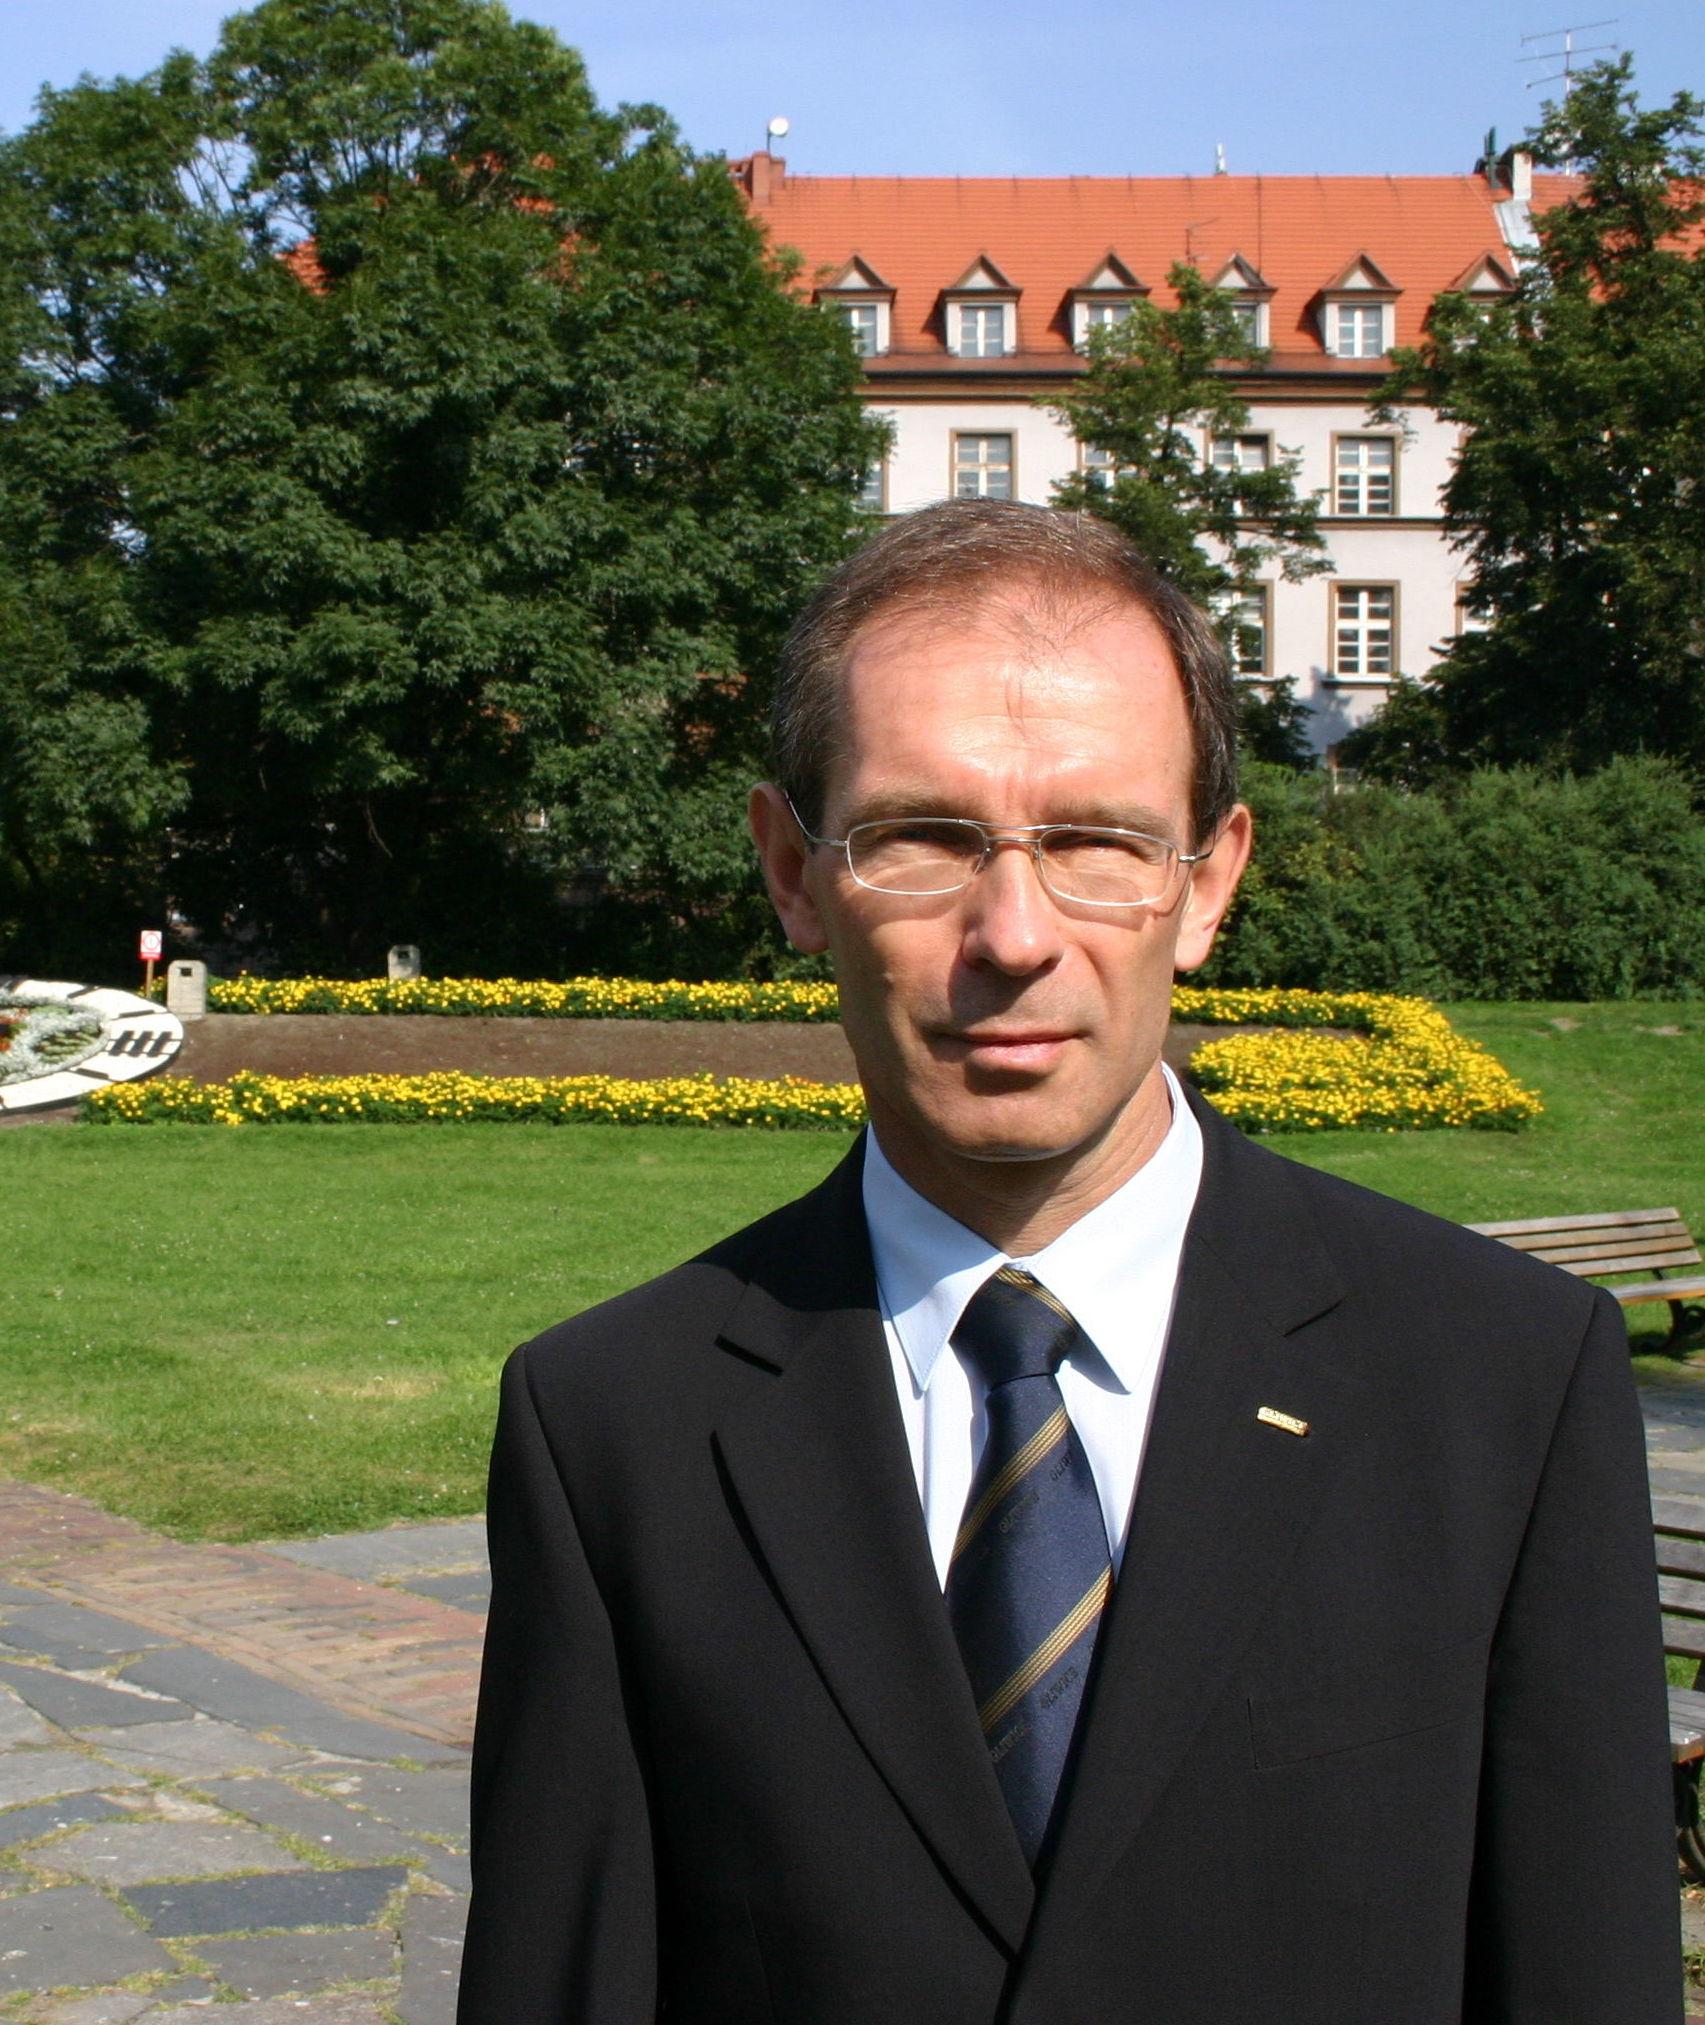 Prezydent miasta Gliwice Zygmunt Frankiewicz, 2009 rok